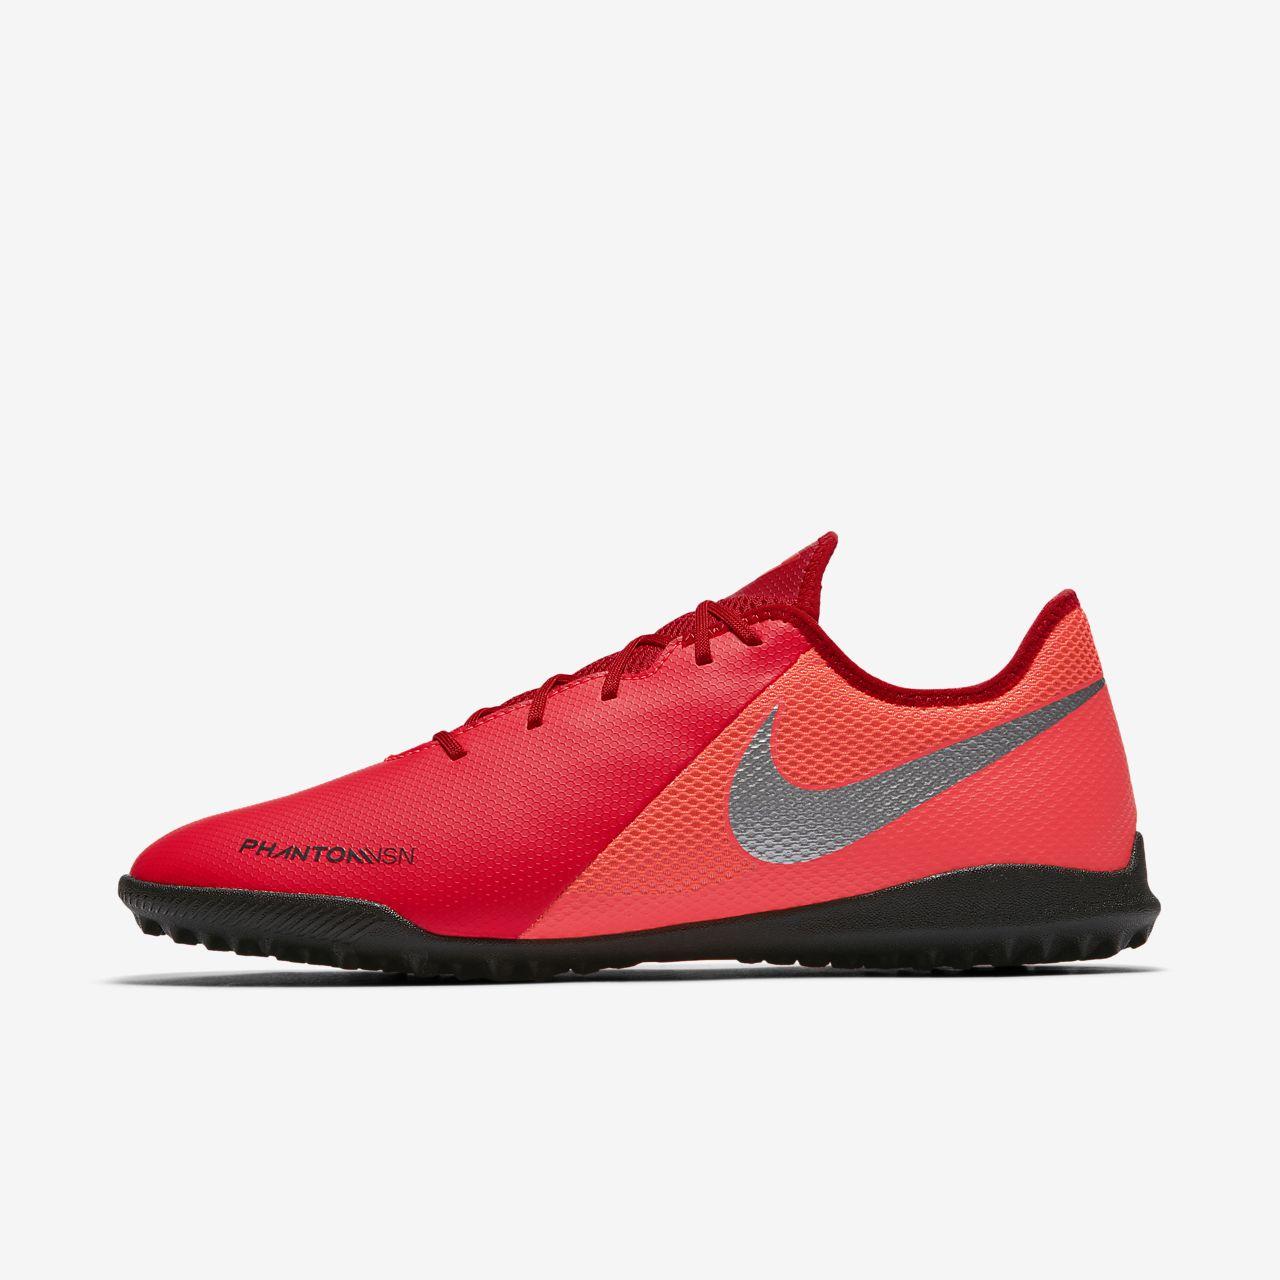 Chuteiras de futebol para relva artificial Nike Phantom Vision Academy 170844e67fe46